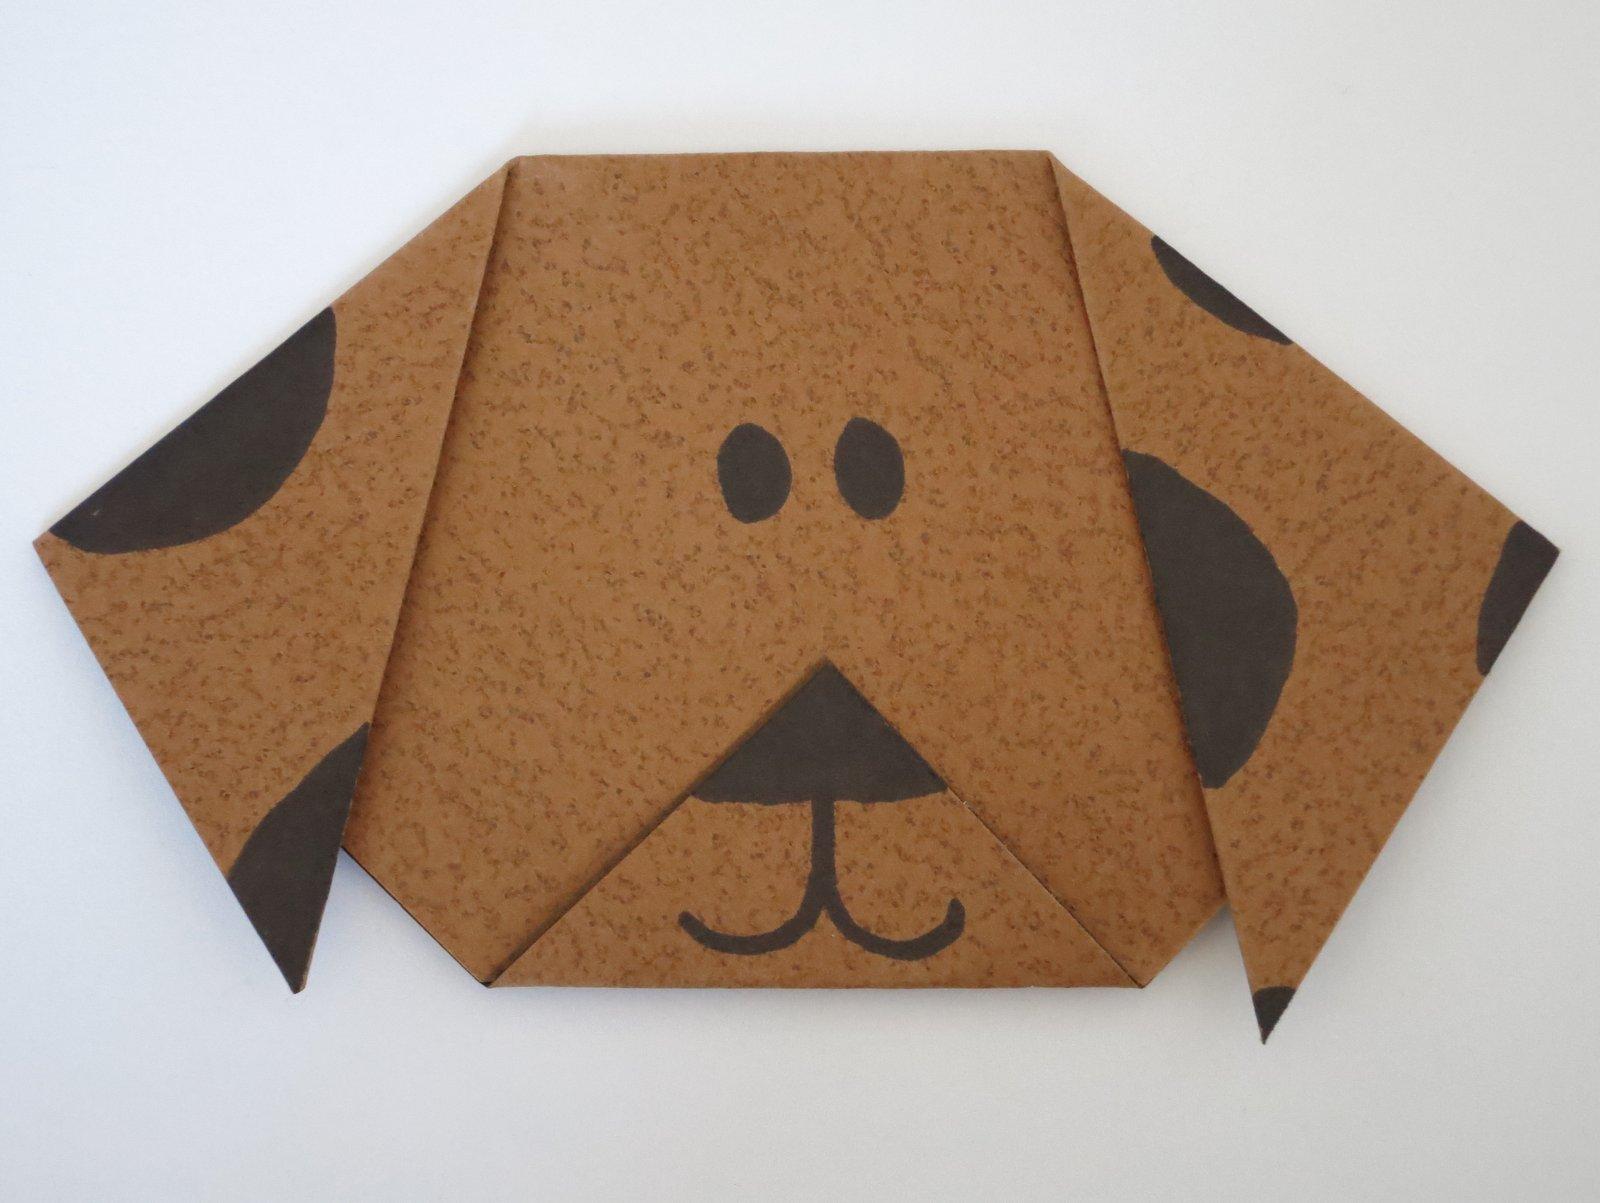 cindy derosier my creative life origami dog